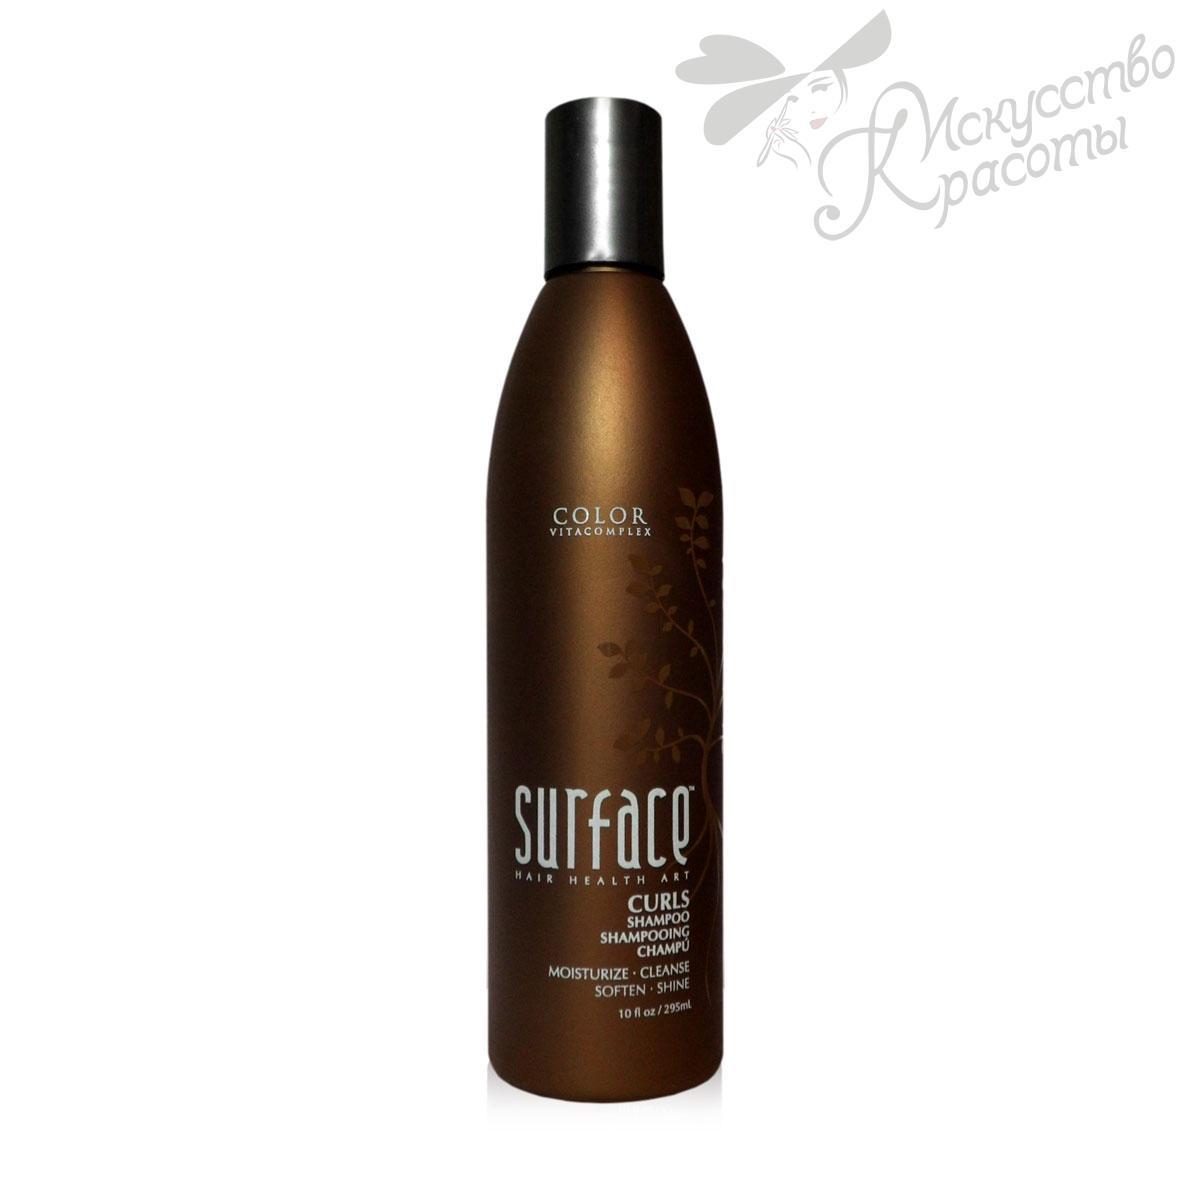 Шампунь для вьющихся волос CURLS SHAMPOO Surface 295 мл